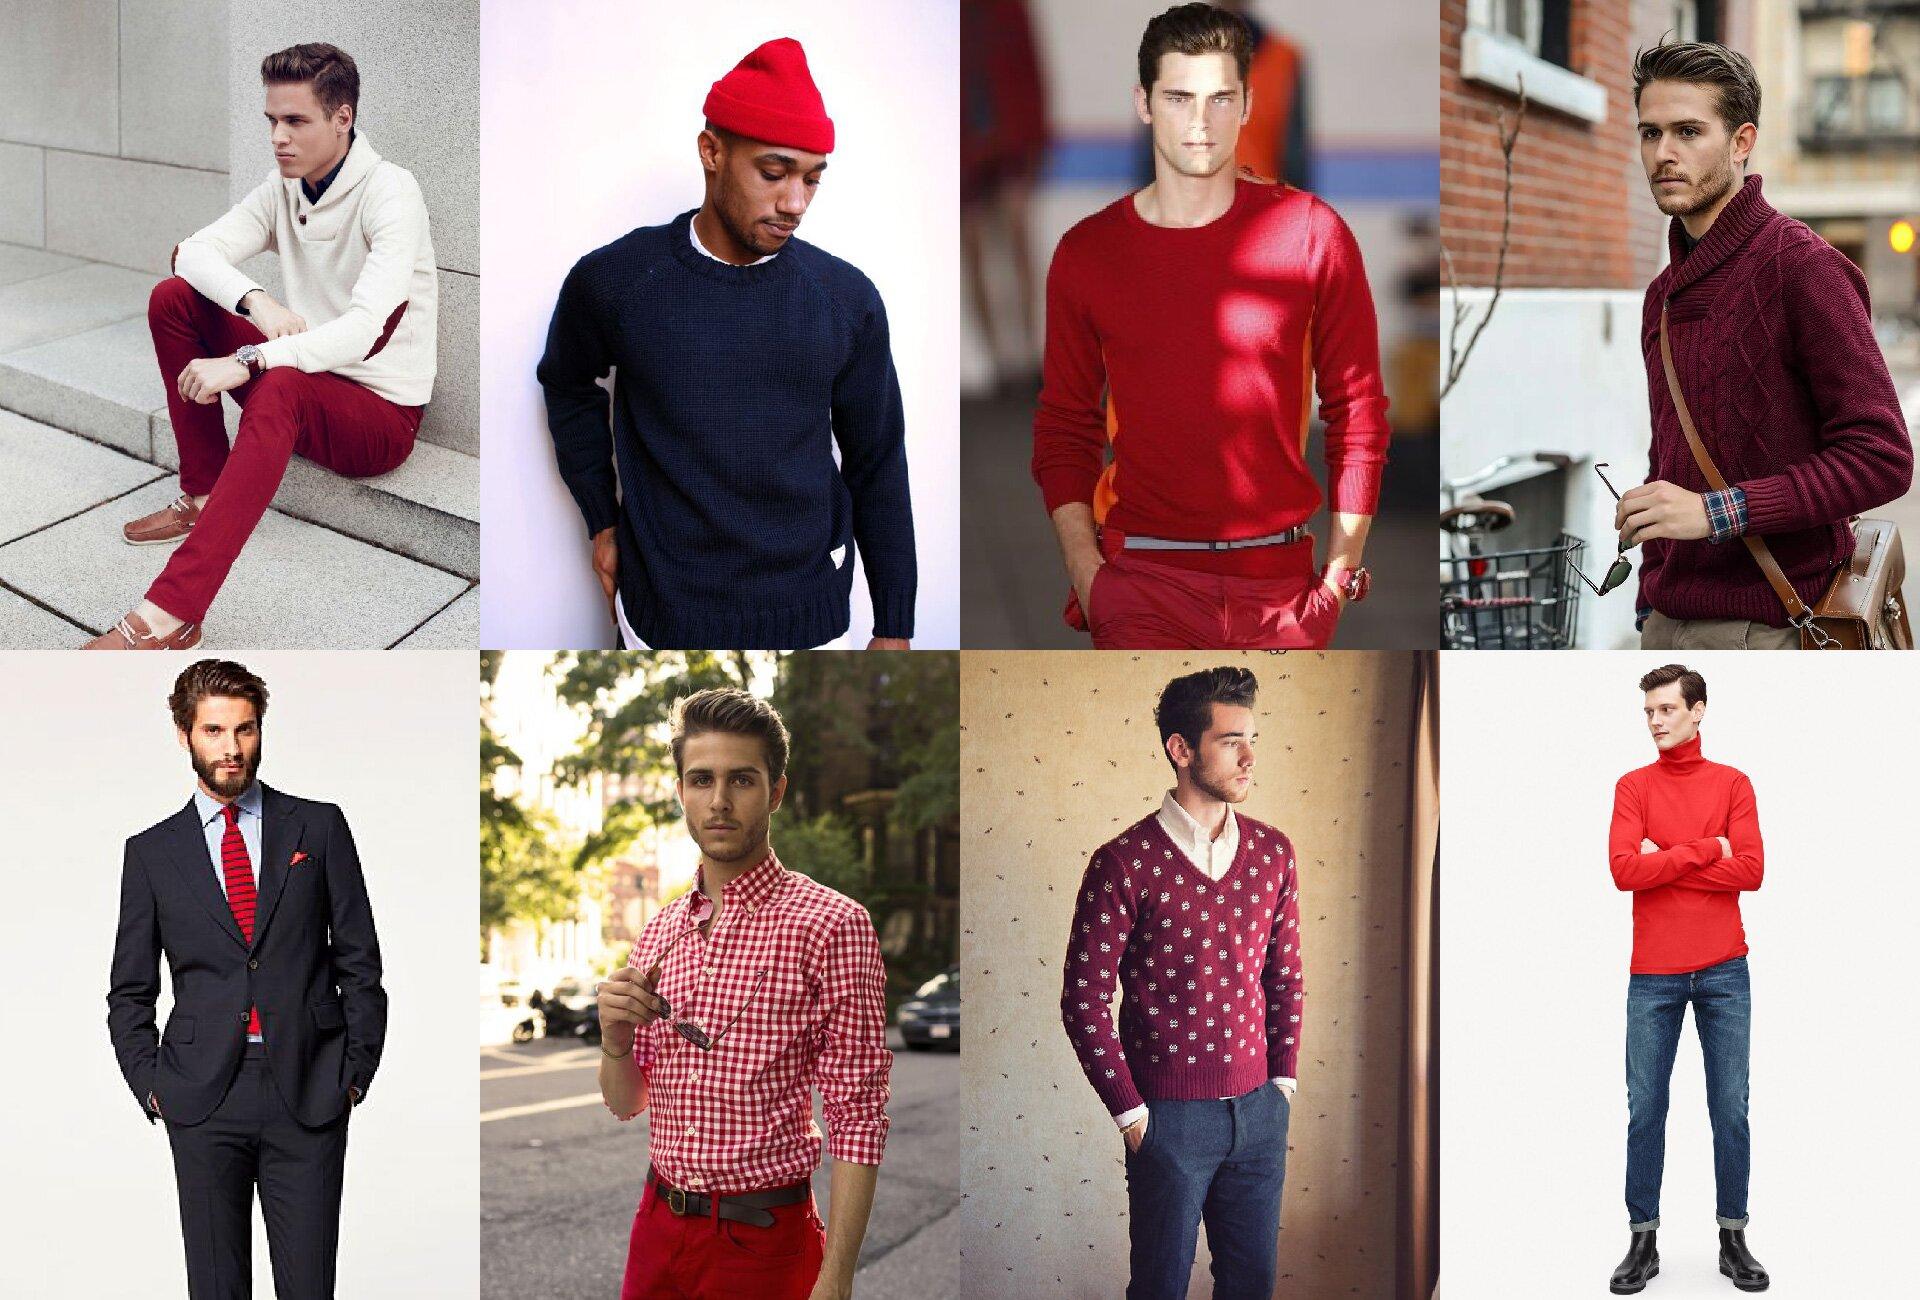 Łączenie kolorów - czerwony - kolory pasujące do czerwonego